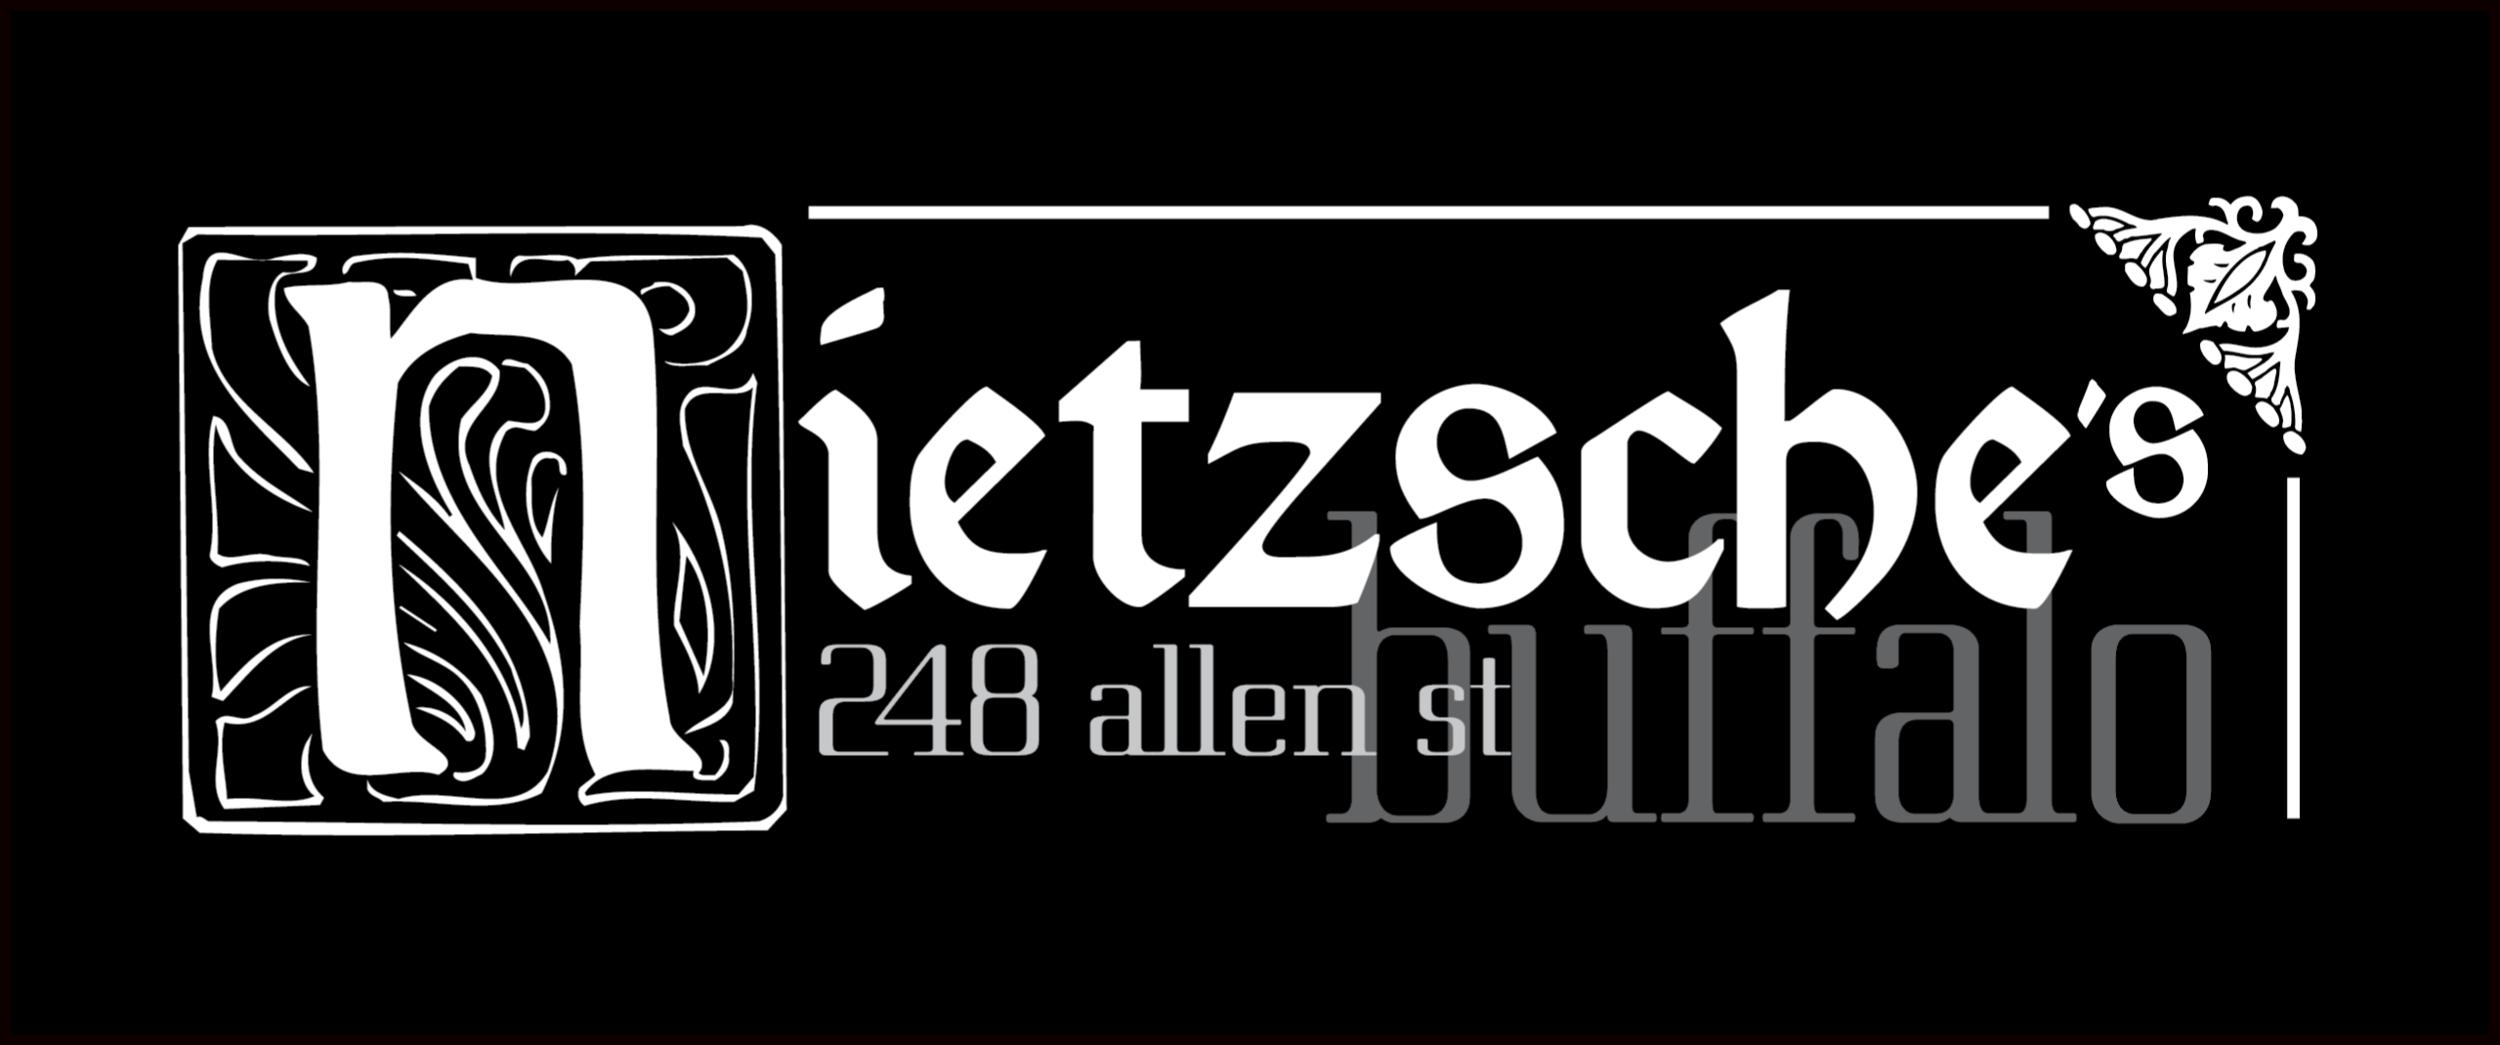 Nietzsches Logo.png